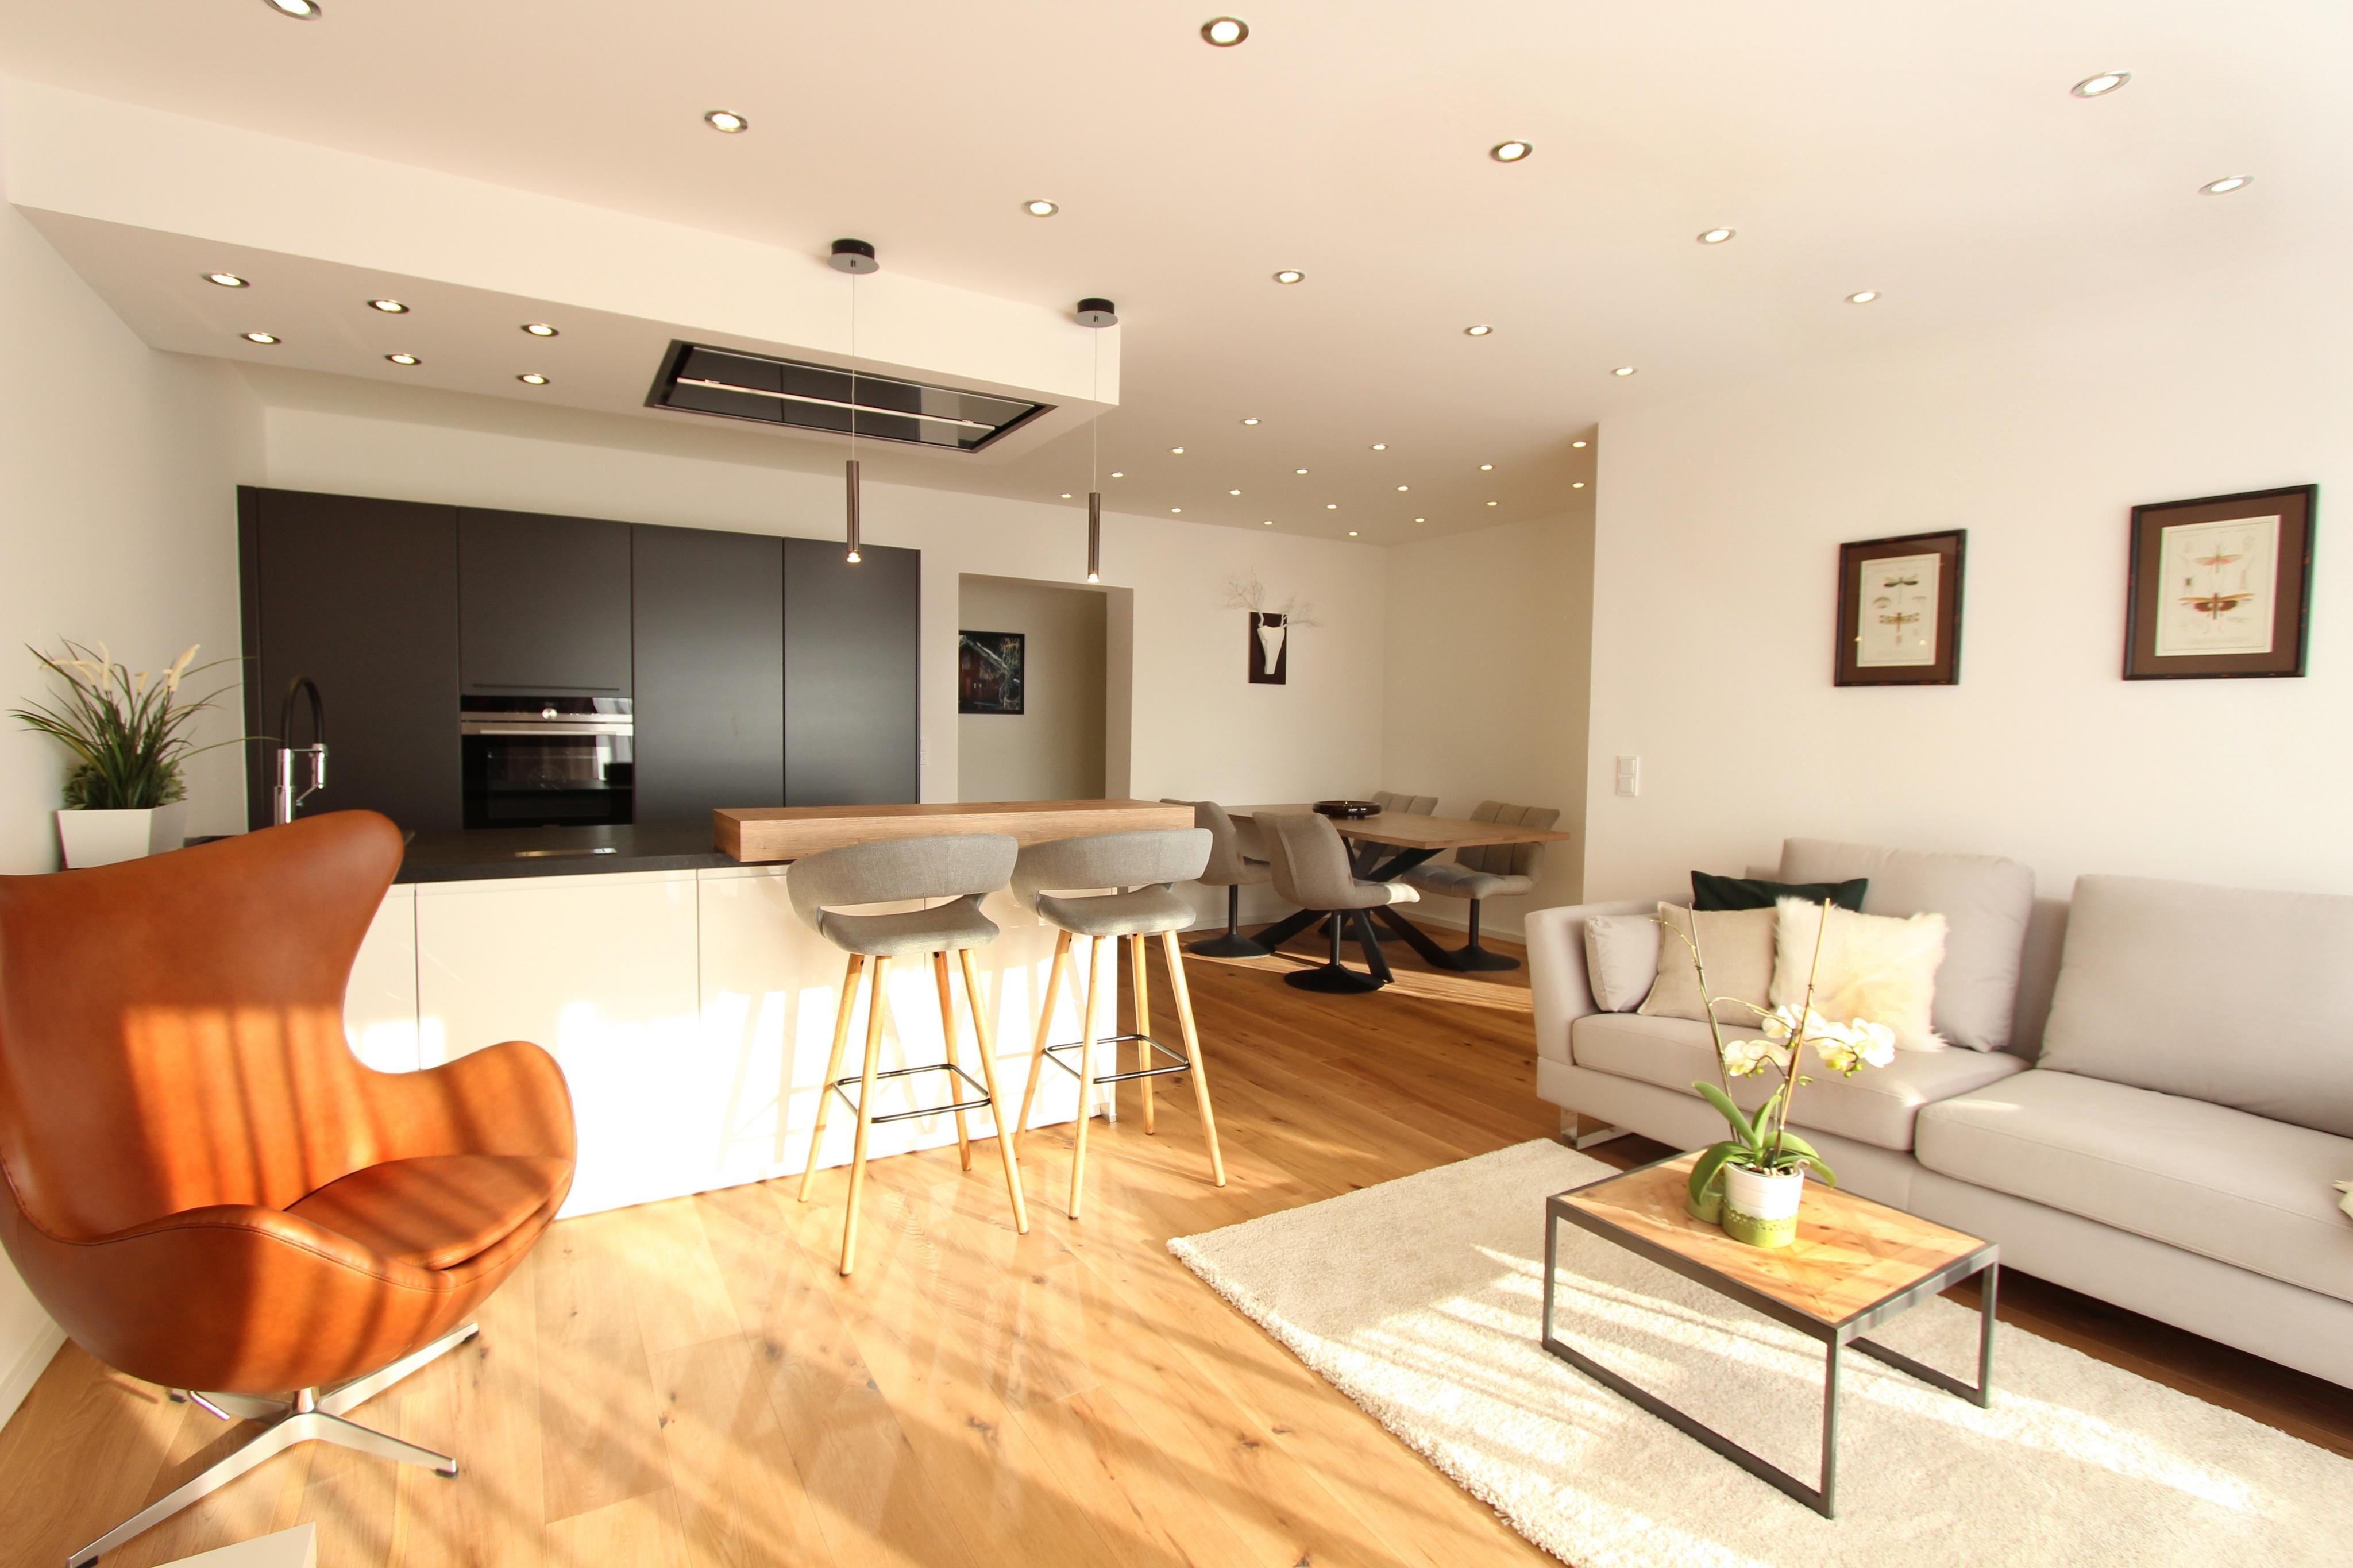 theke • bilder & ideen • couchstyle, Wohnzimmer